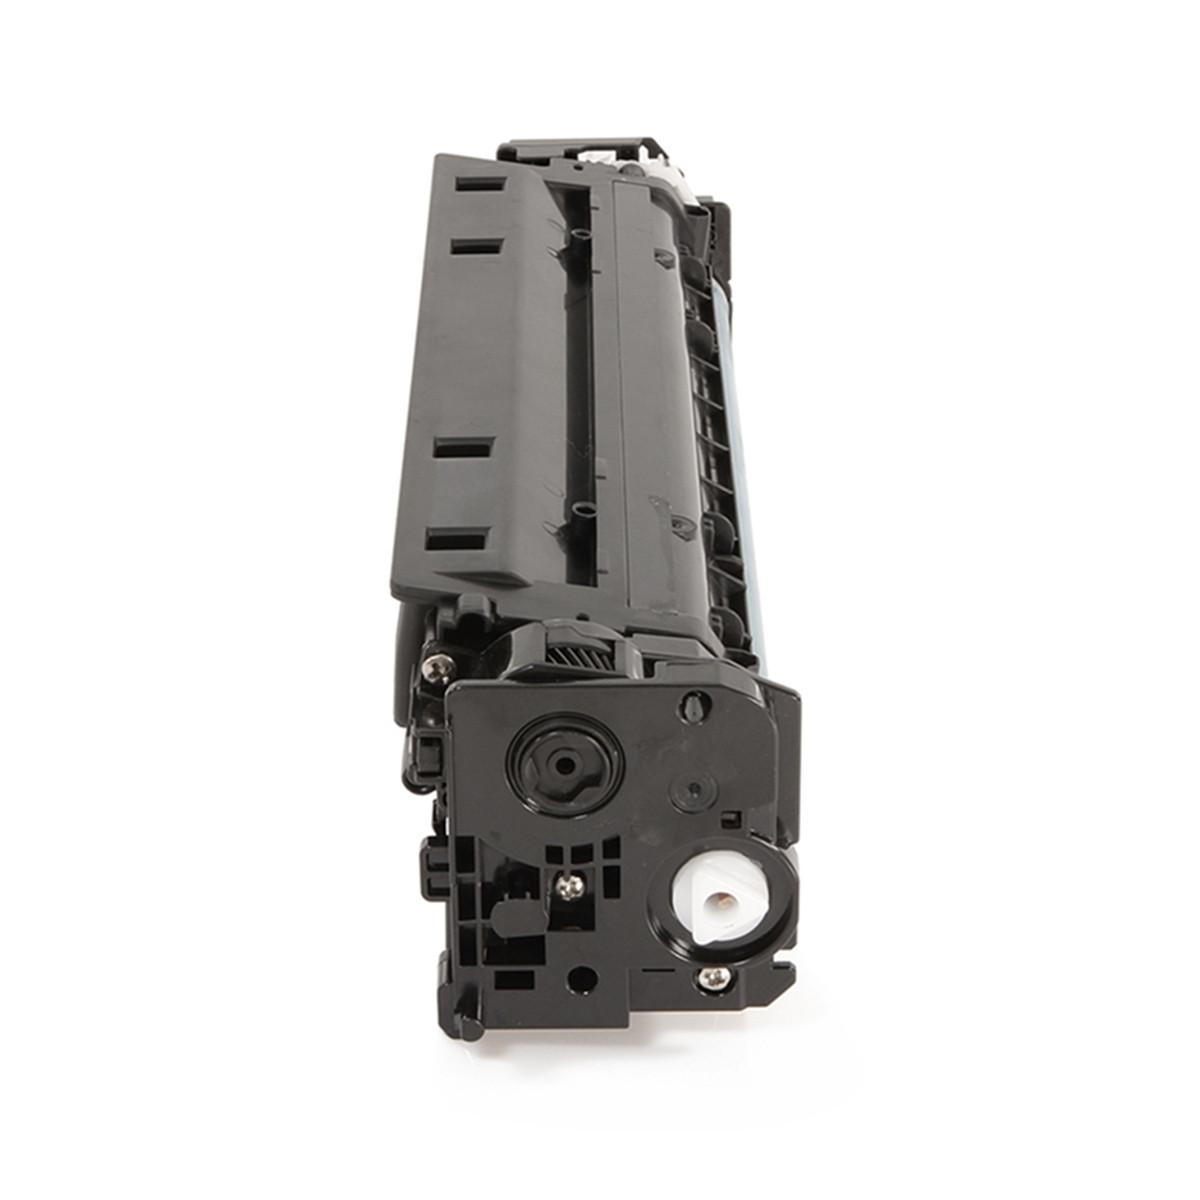 Toner Compatível com HP CF380A 312A Preto Universal | M476 M476NW M476DW | Importado 3.5k